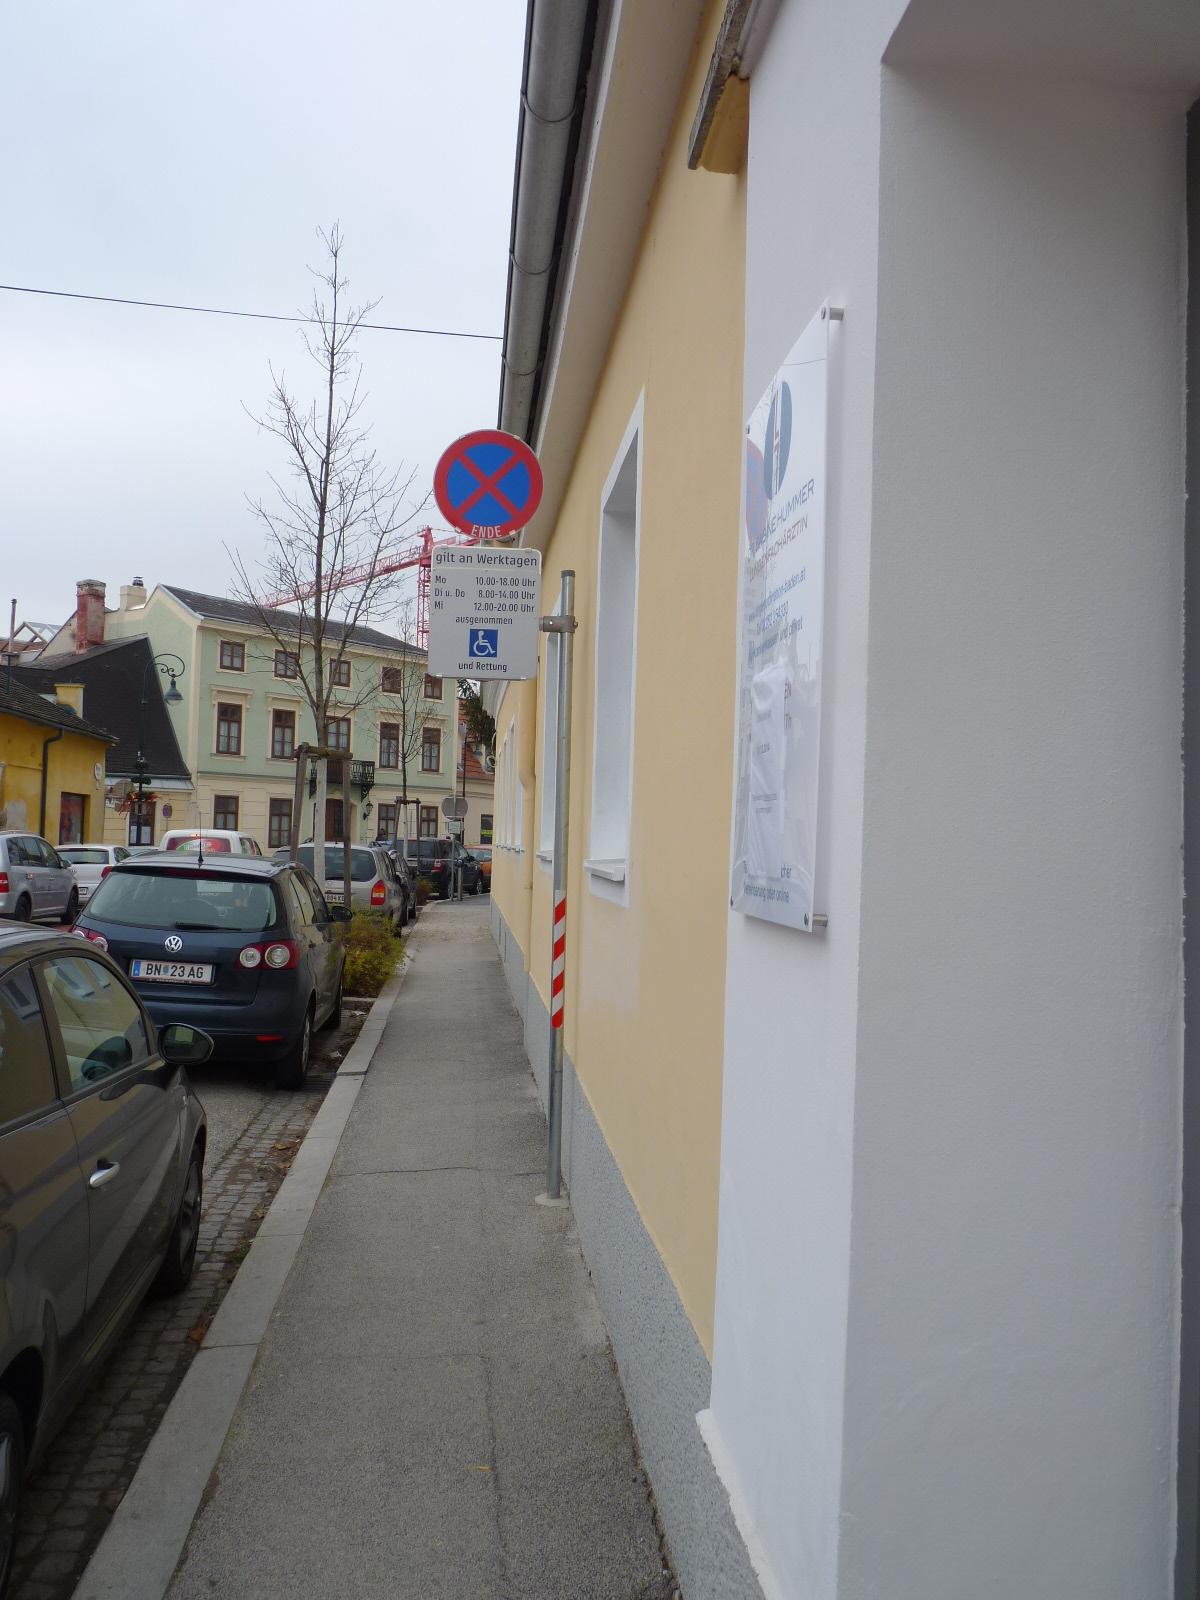 Lungenfacharzt Baden-Baden